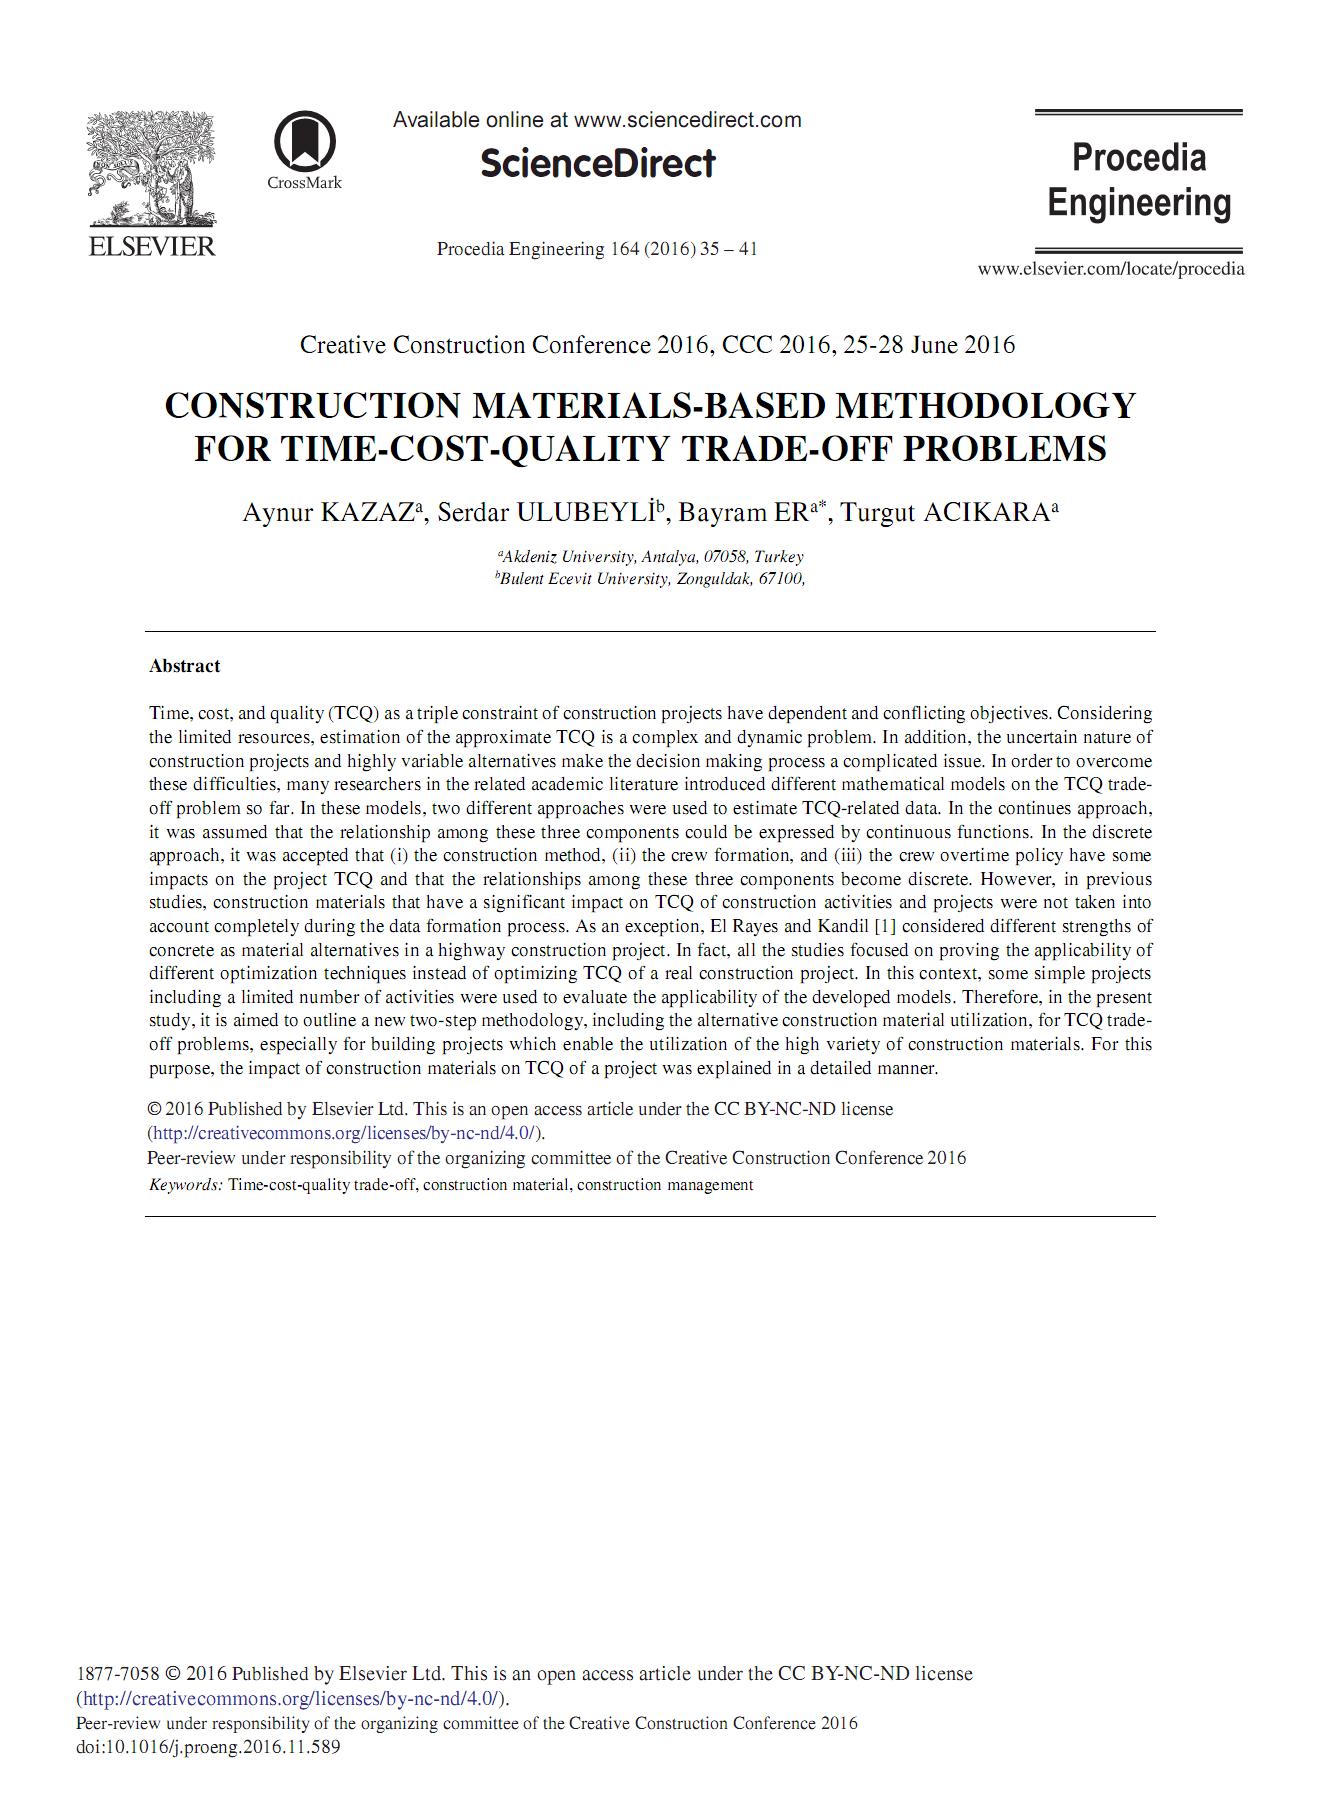 روش ساخت مبتنی بر مواد برای مسائل زمان- هزینه- کیفیت تجارت